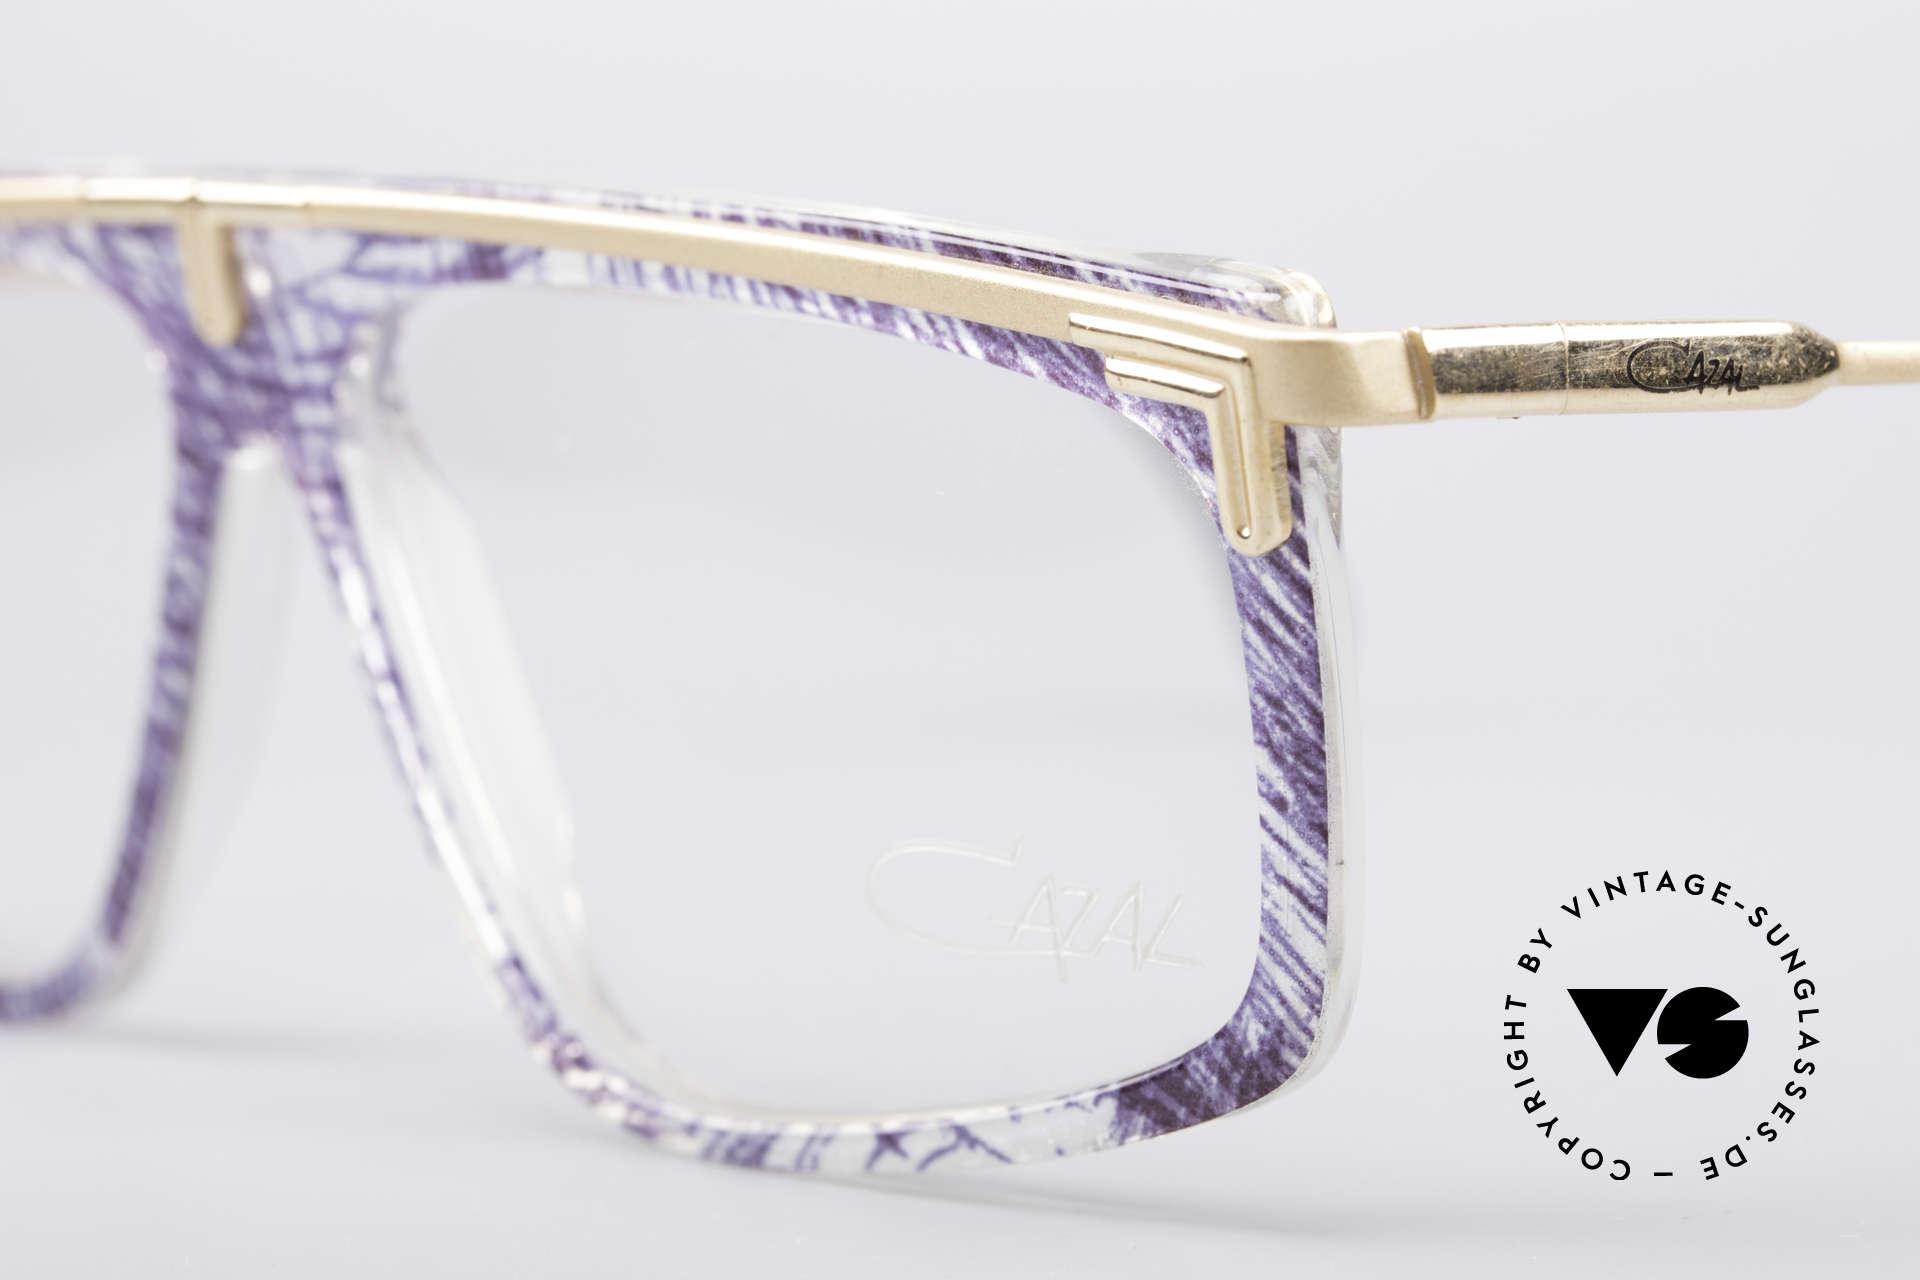 Cazal 190 Old School Hip Hop Brille, ungetragen (wie alle unsere seltenen vintage Cazals), Passend für Herren